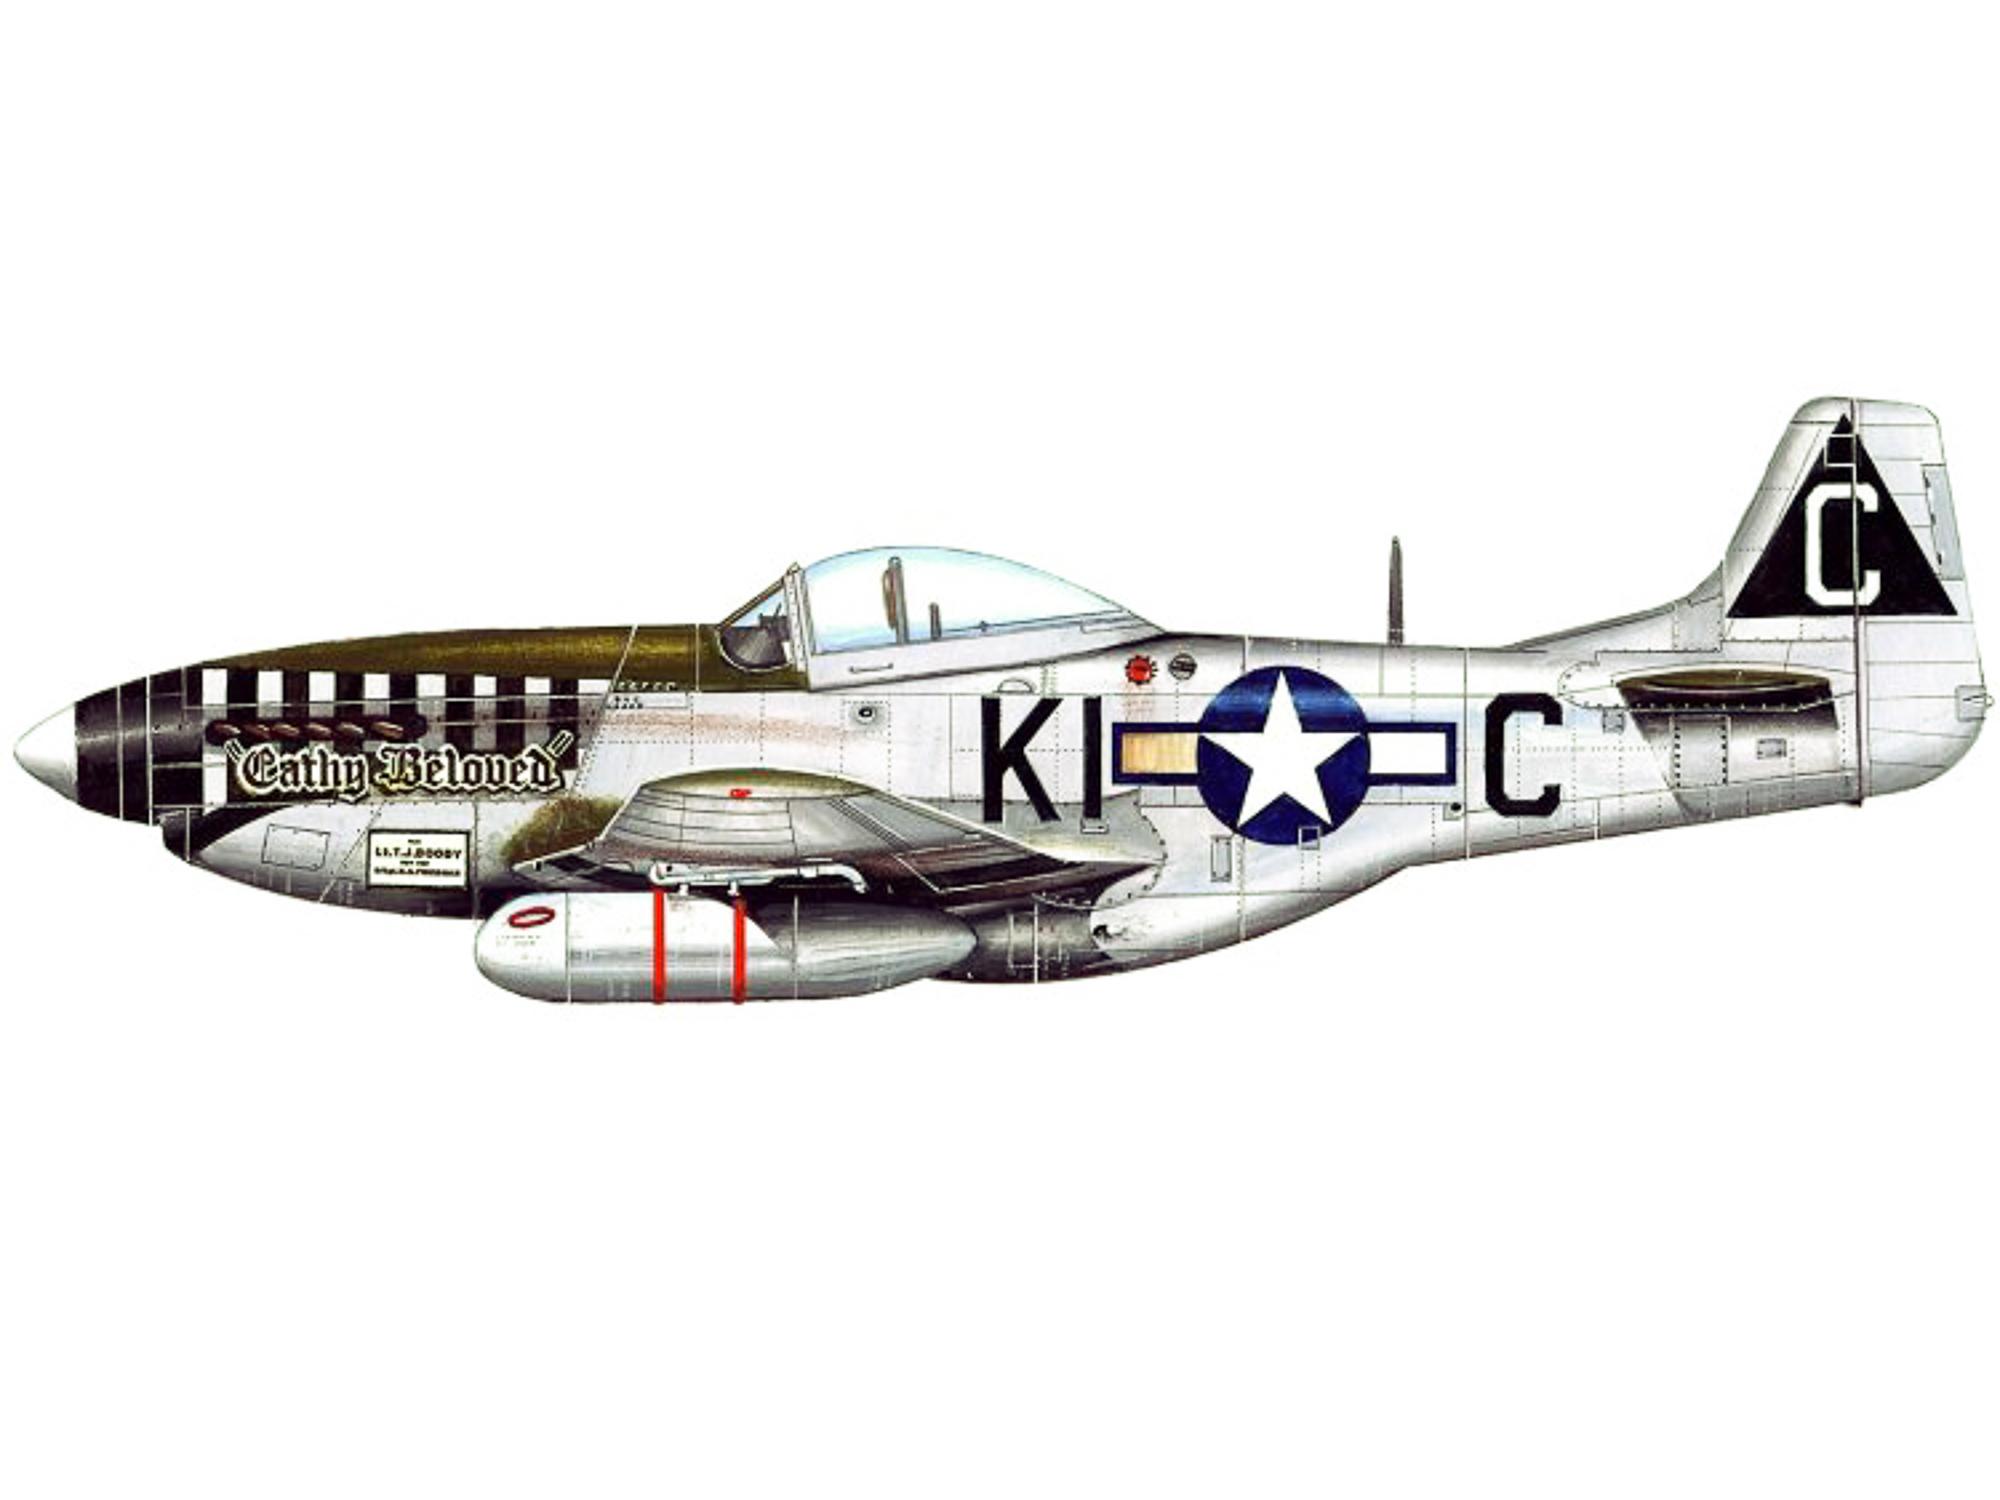 P-51D – Cathy Beloved